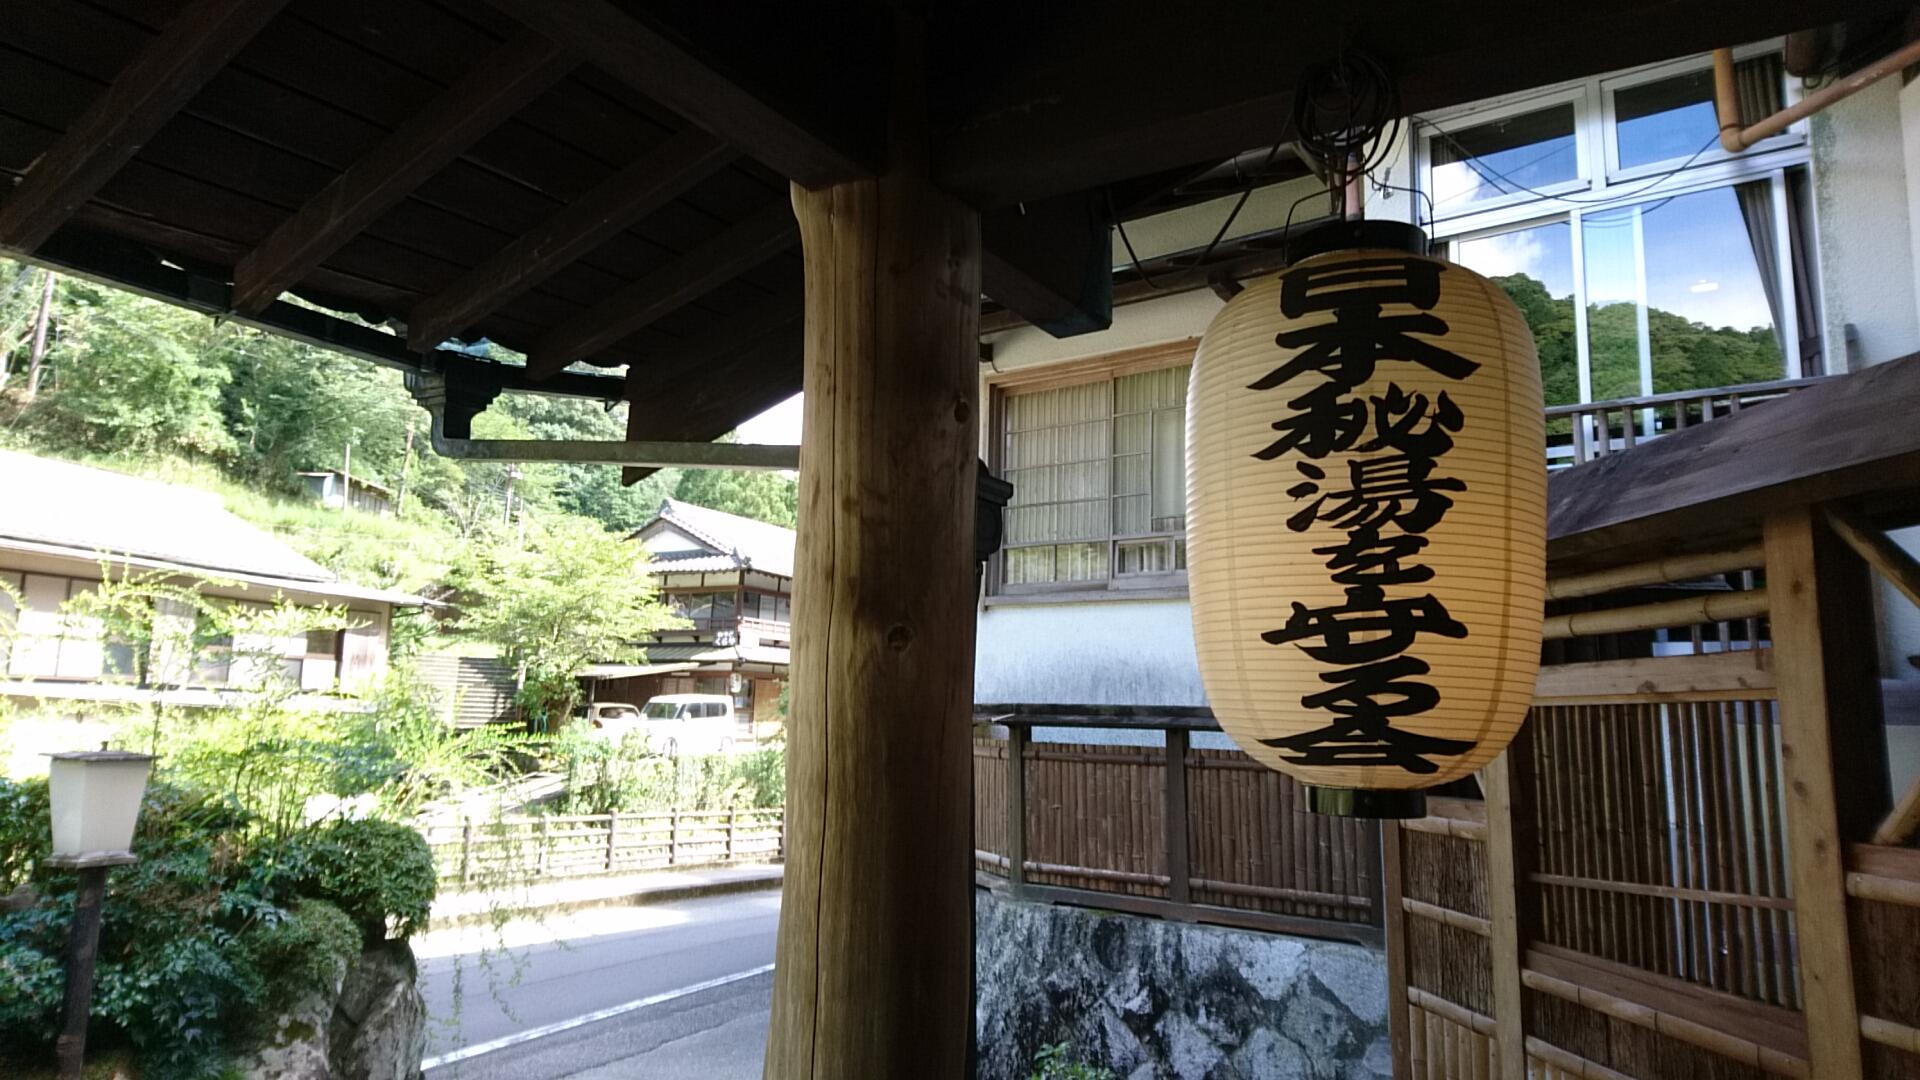 【和歌山県】関西でも硫黄の香りが堪能できる「湯の峰温泉 旅館あづまや」に行ってきた。